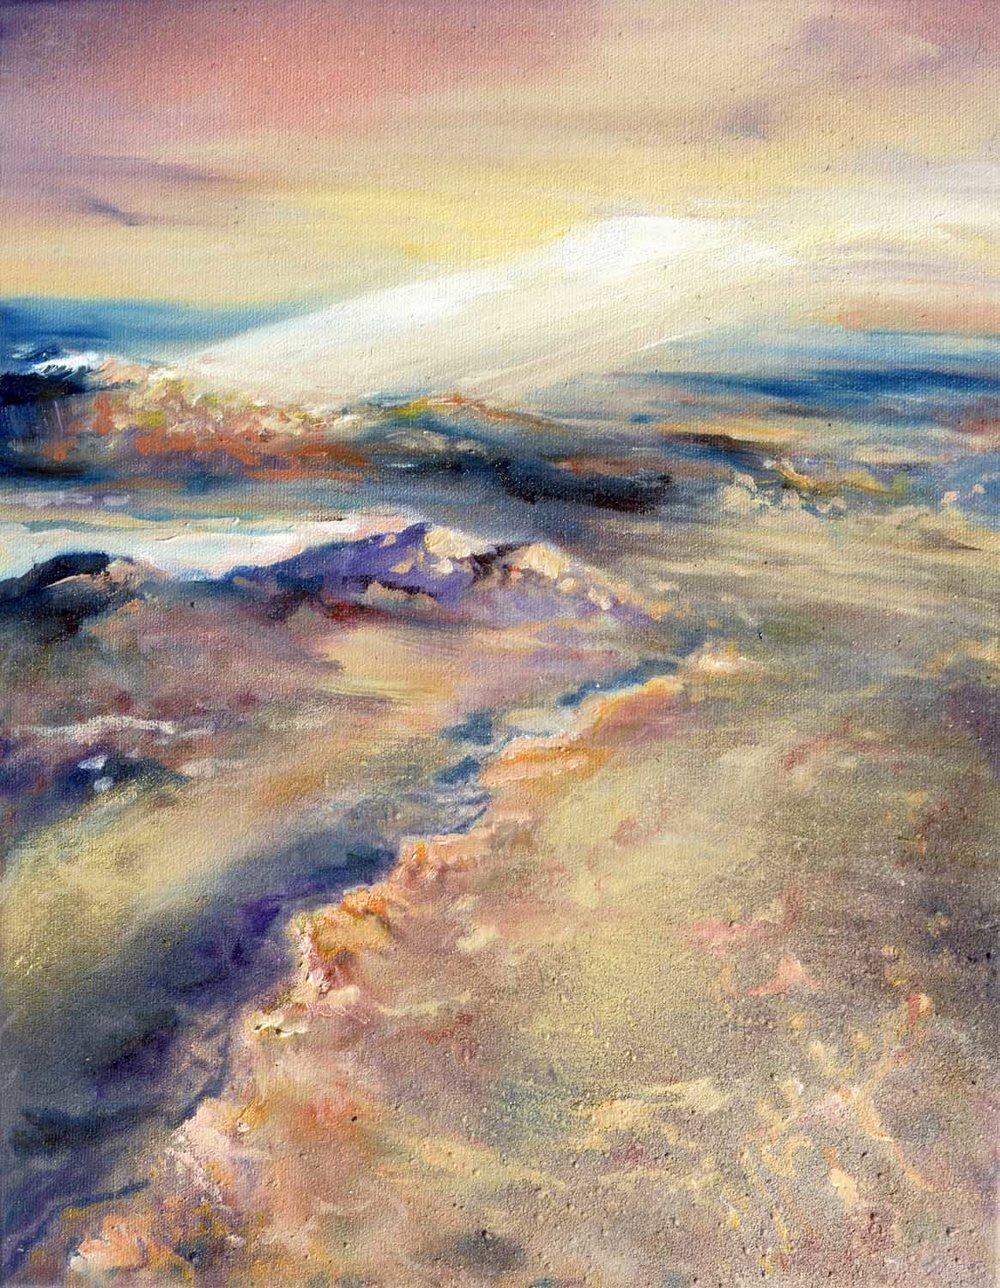 """Sunset Over the Desert • Oil on canvas ∙ 14 x 11"""" ∙ 2016"""